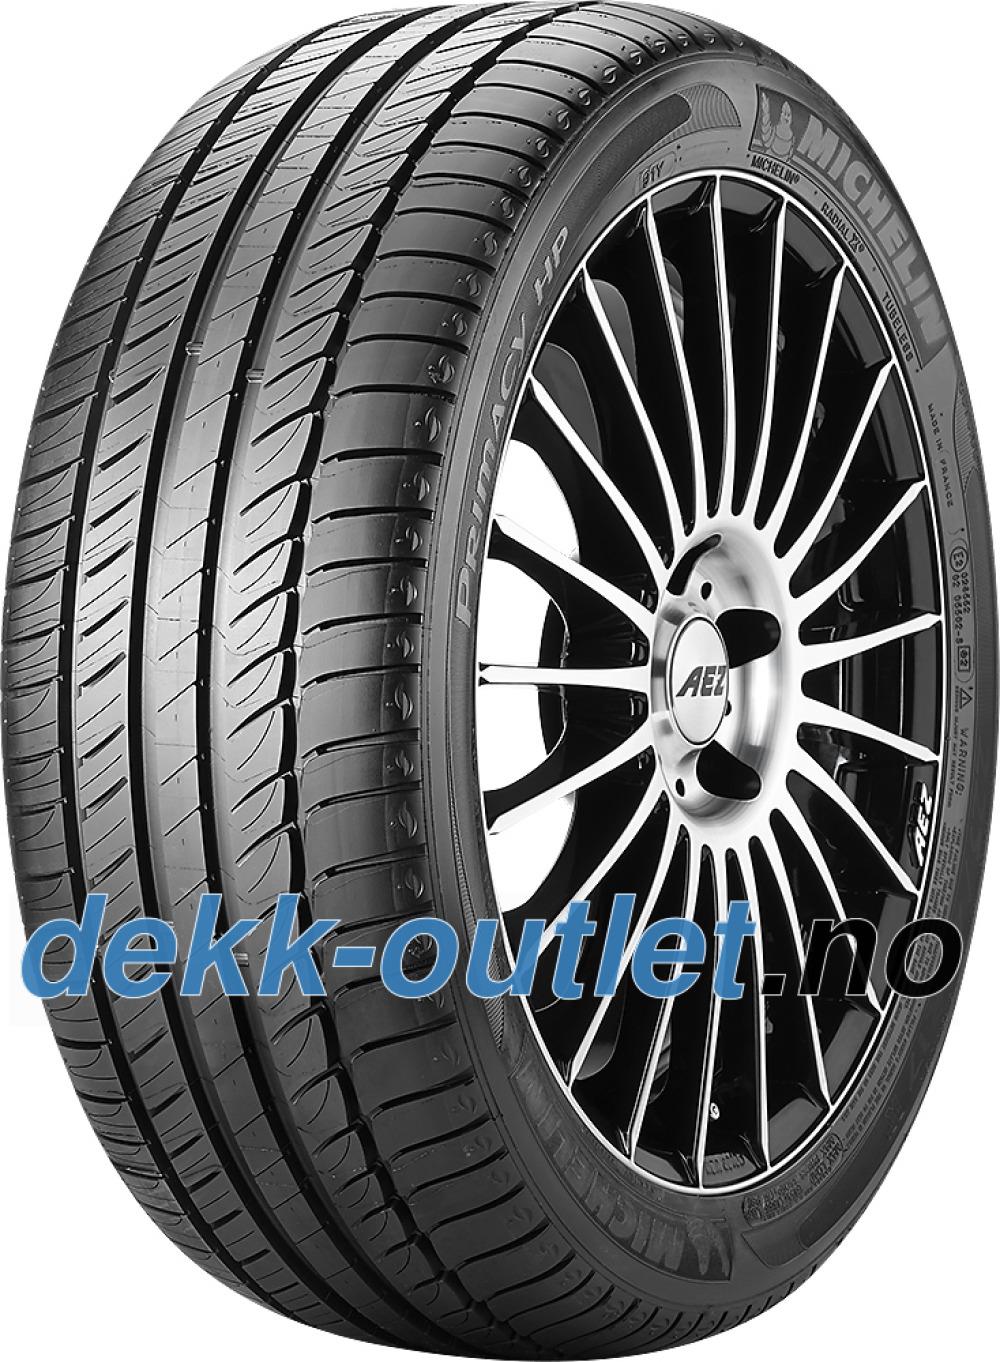 Michelin Primacy HP ( 225/55 R16 95W MO, S1, GRNX, med felgbeskyttelseslist (FSL) )